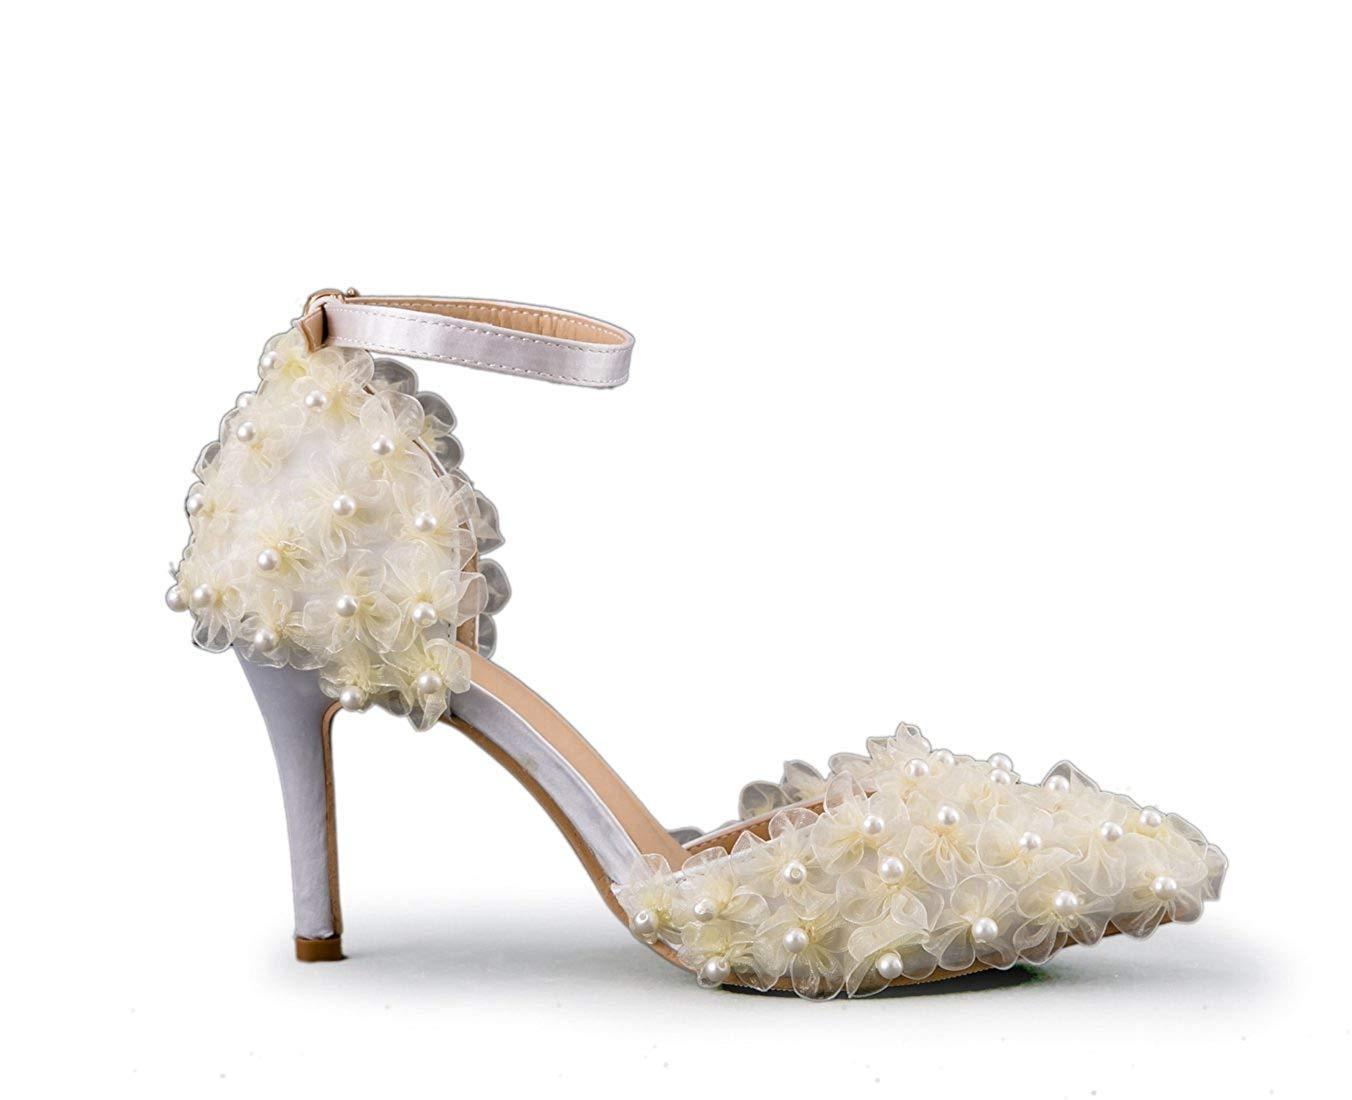 ZHRUI Frauen Gaze Blaumen Blaumen Blaumen Elegante Knöchelriemen Weiß Braut Hochzeit Schuhe UK 7,5 (Farbe   -, Größe   -) 443774